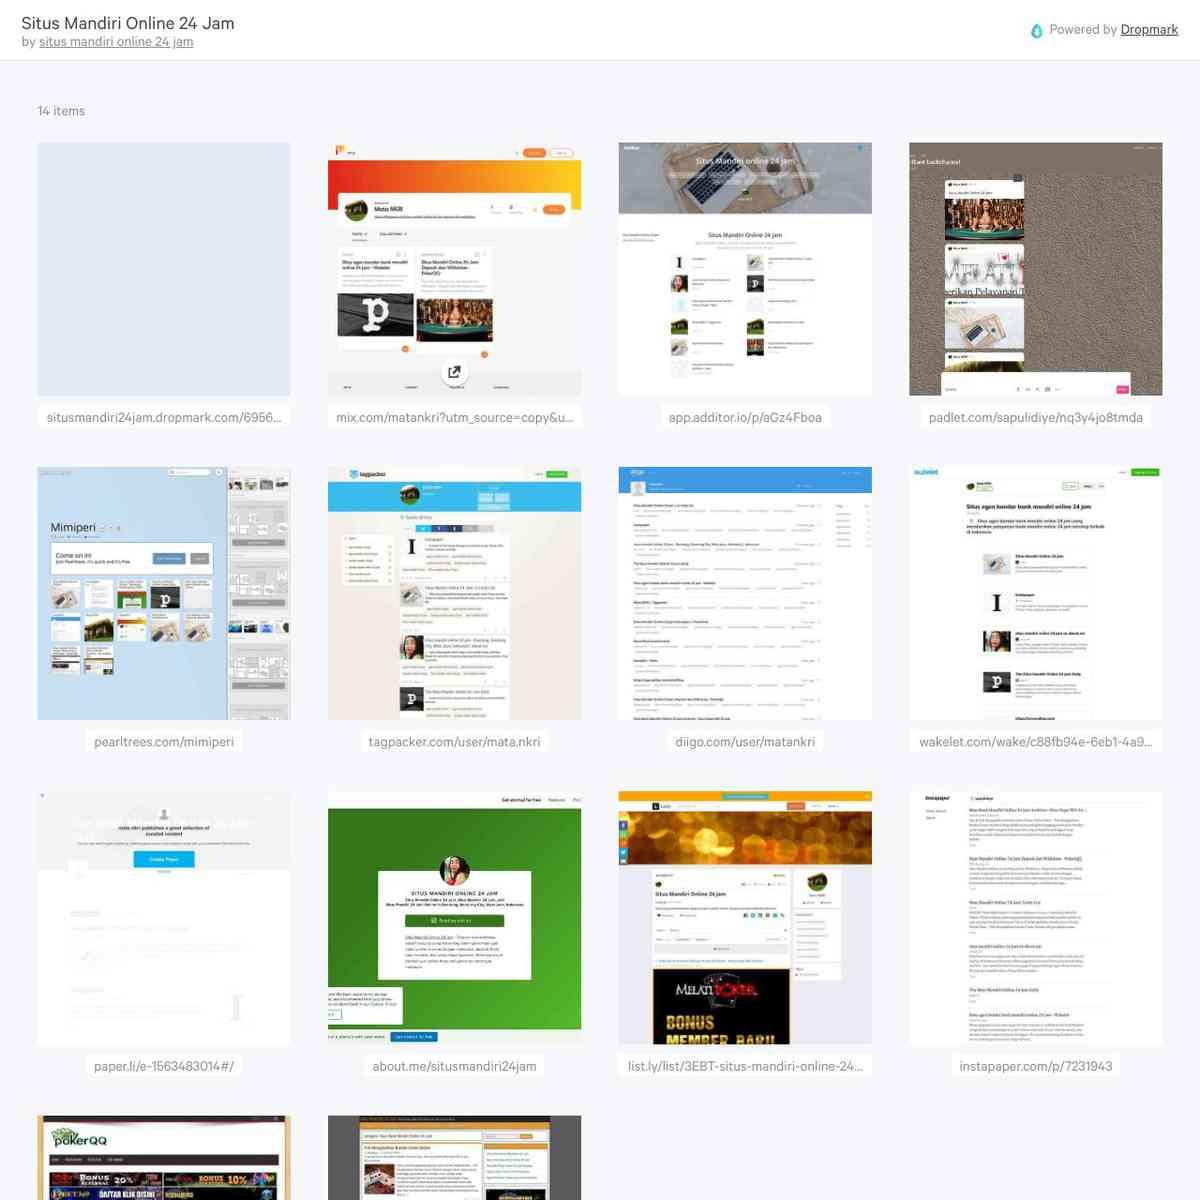 situsmandiri24jam.dropmark.com/695693